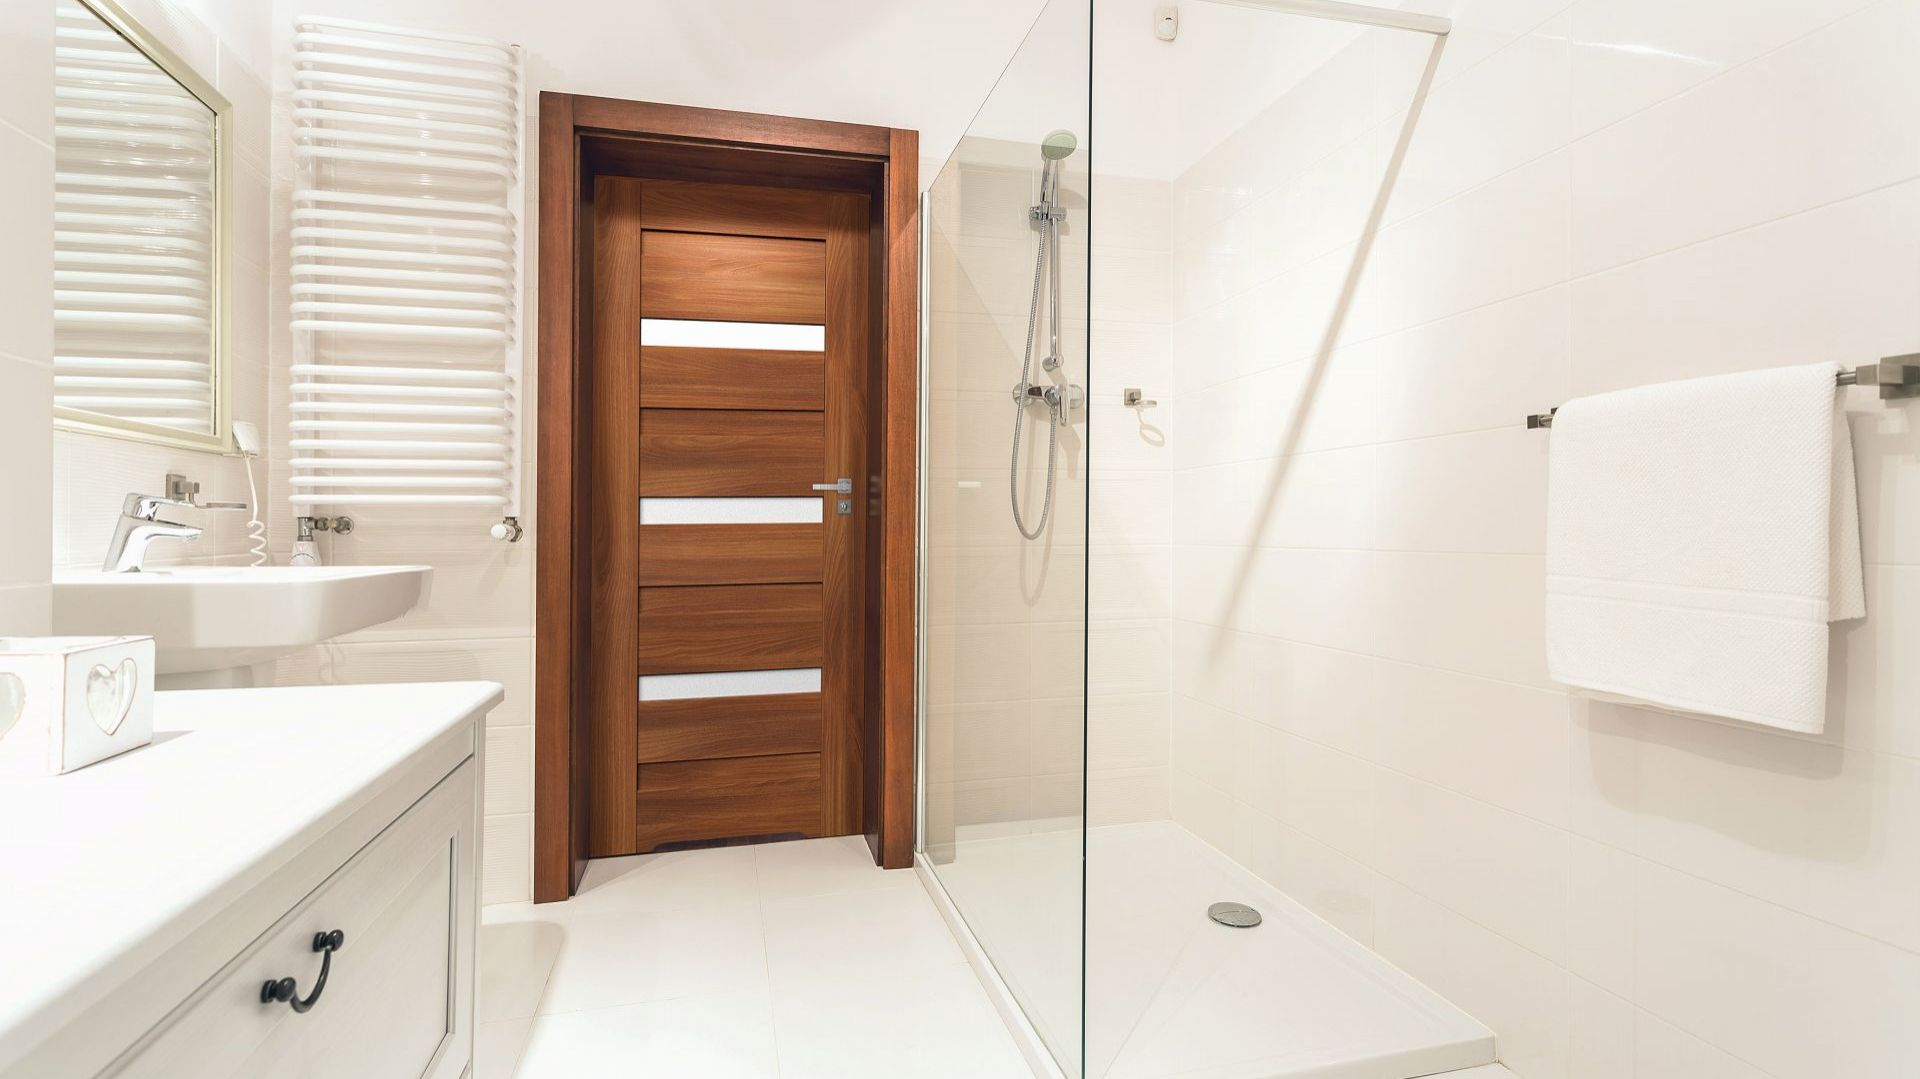 Drzwi Do łazienki Sprawdź Ofertę Producentów